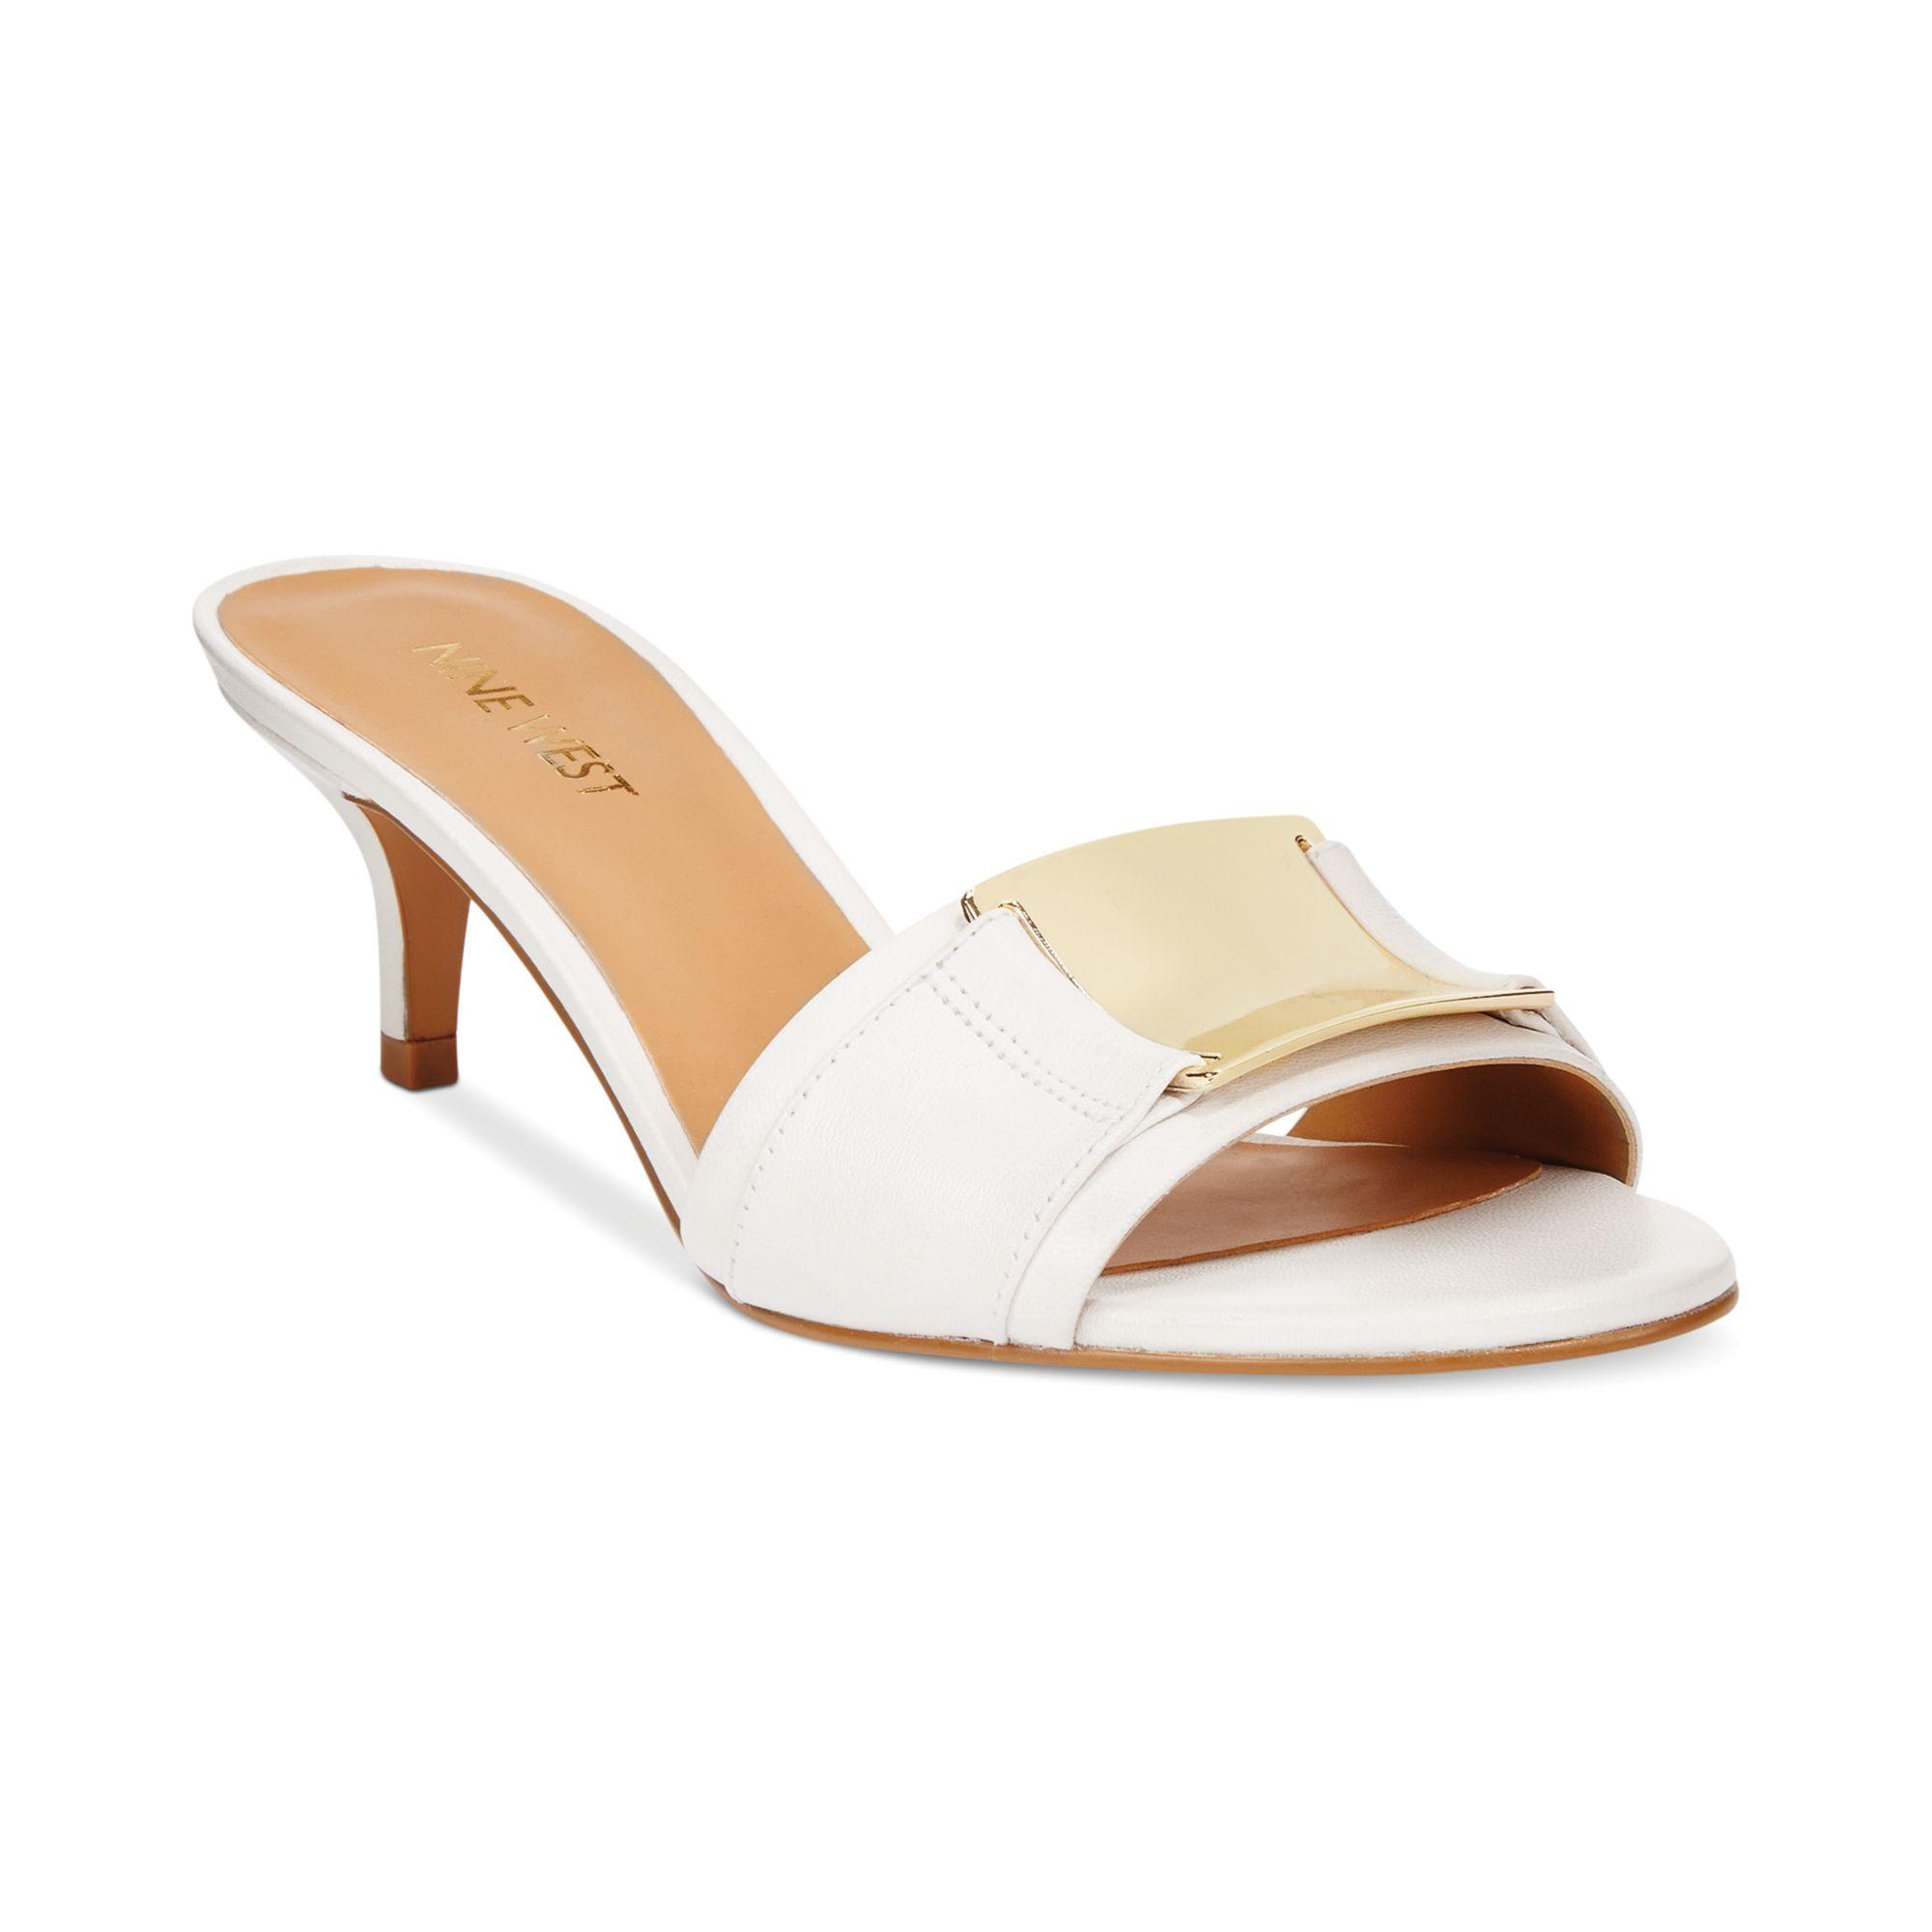 492ac286ce28 Blue Sandals  Nine West Yacht Slide Sandals